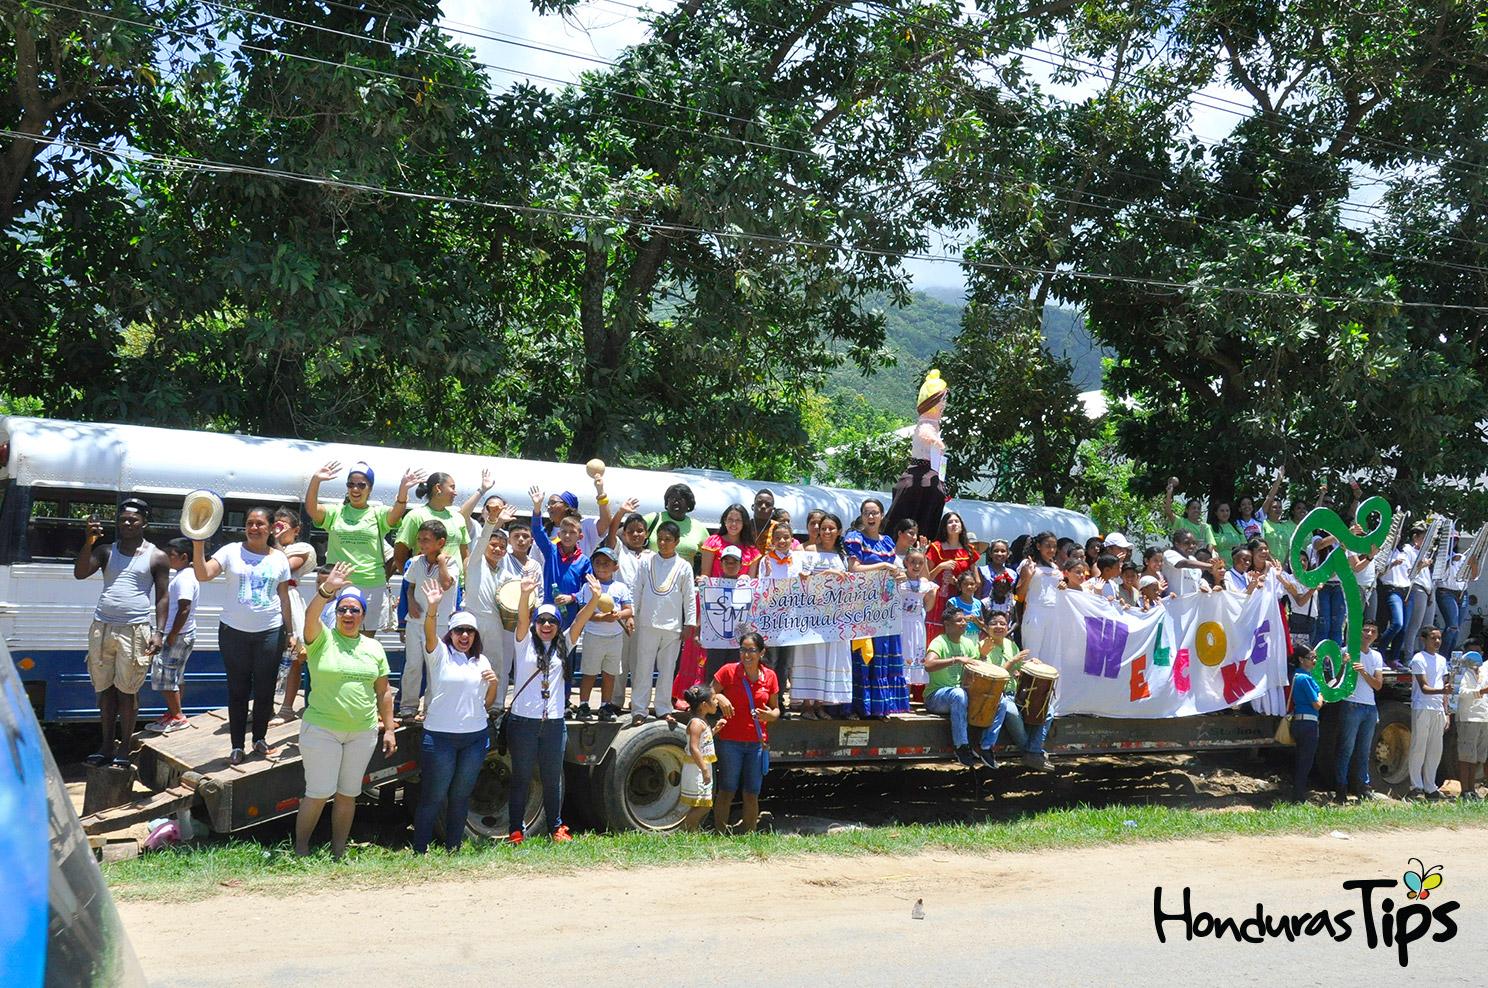 Santa María Biligual School fue otra de las instituciones trujillanas que recibieron a los visitantes con mucha energía.